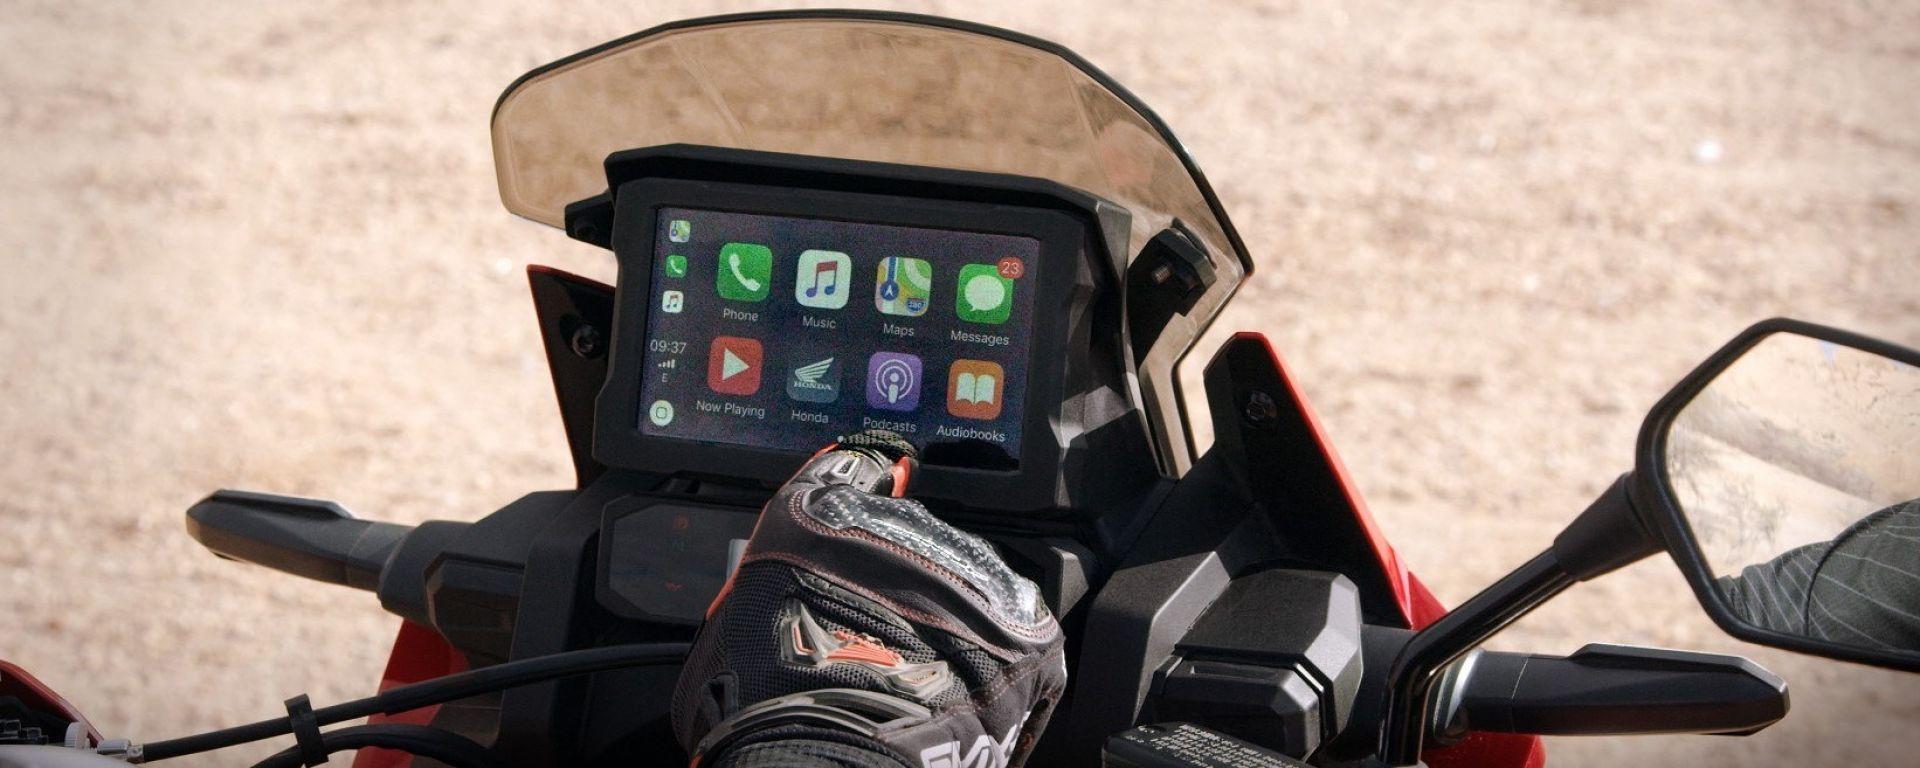 Honda Africa Twin è ora compatibile con Android Auto